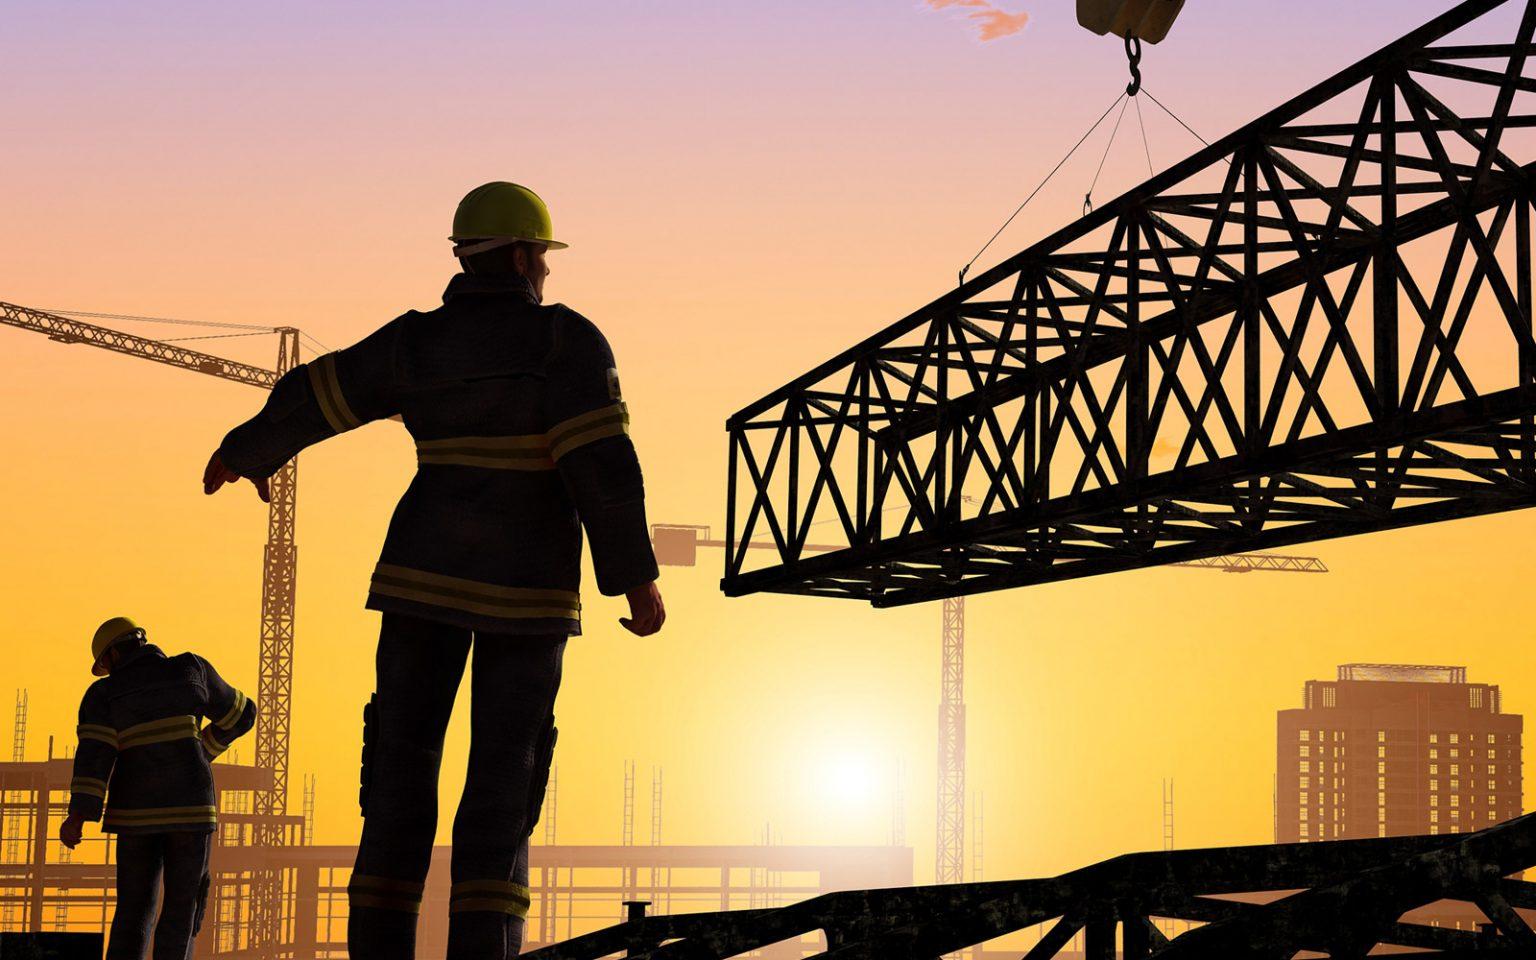 Un salarié victime d'un accident du travail peut conclure une rupture conventionnelle